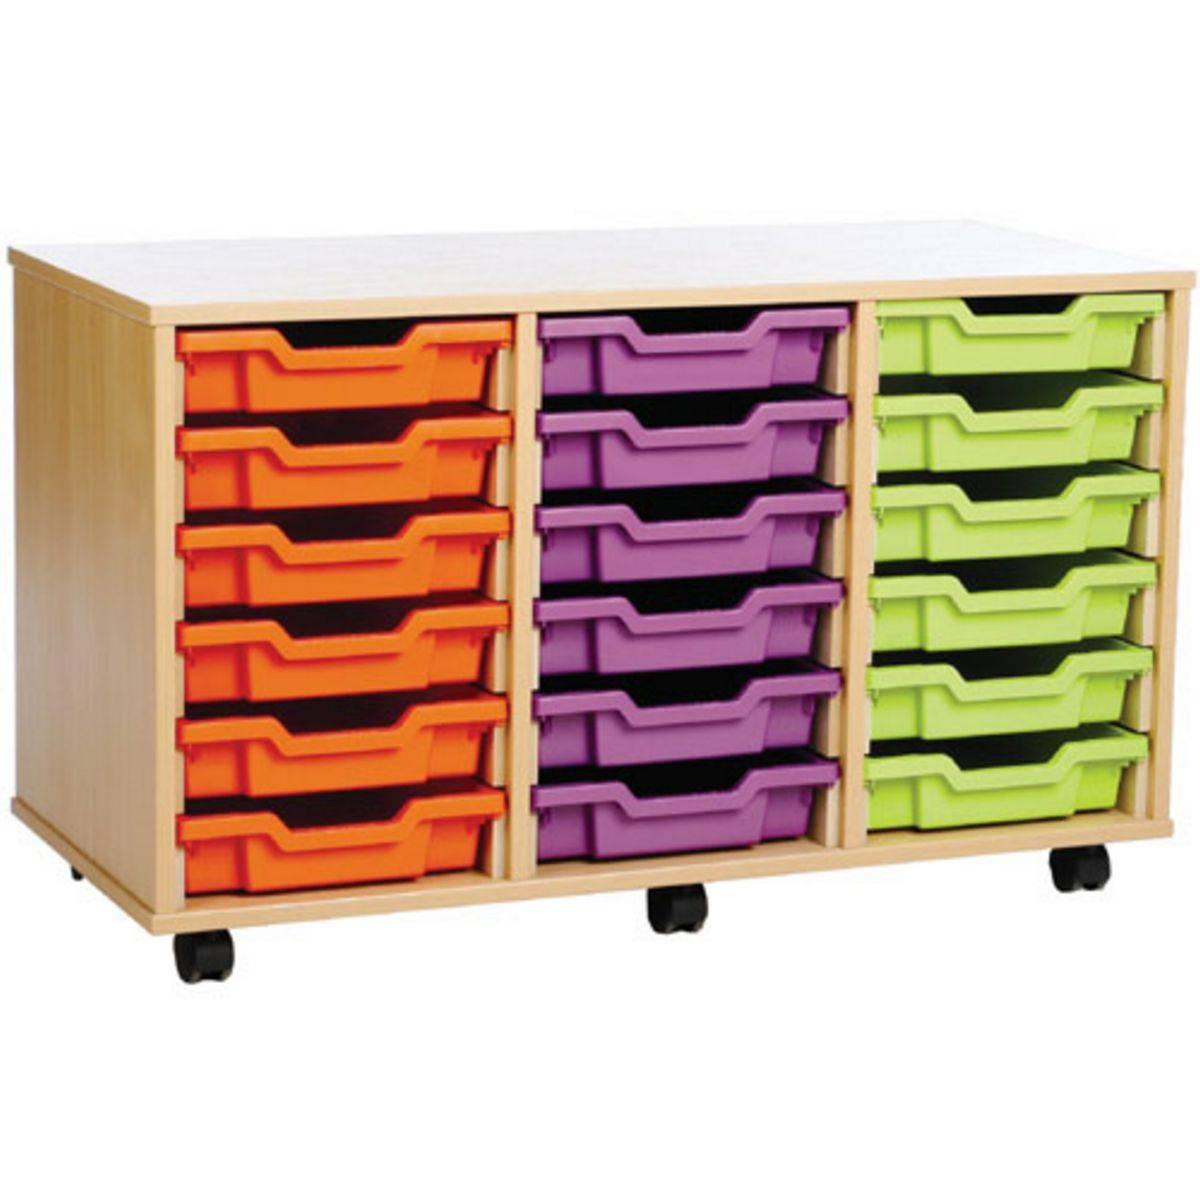 18 Tray Mobile Storage Unit - Storage Units from Inta Audio UK